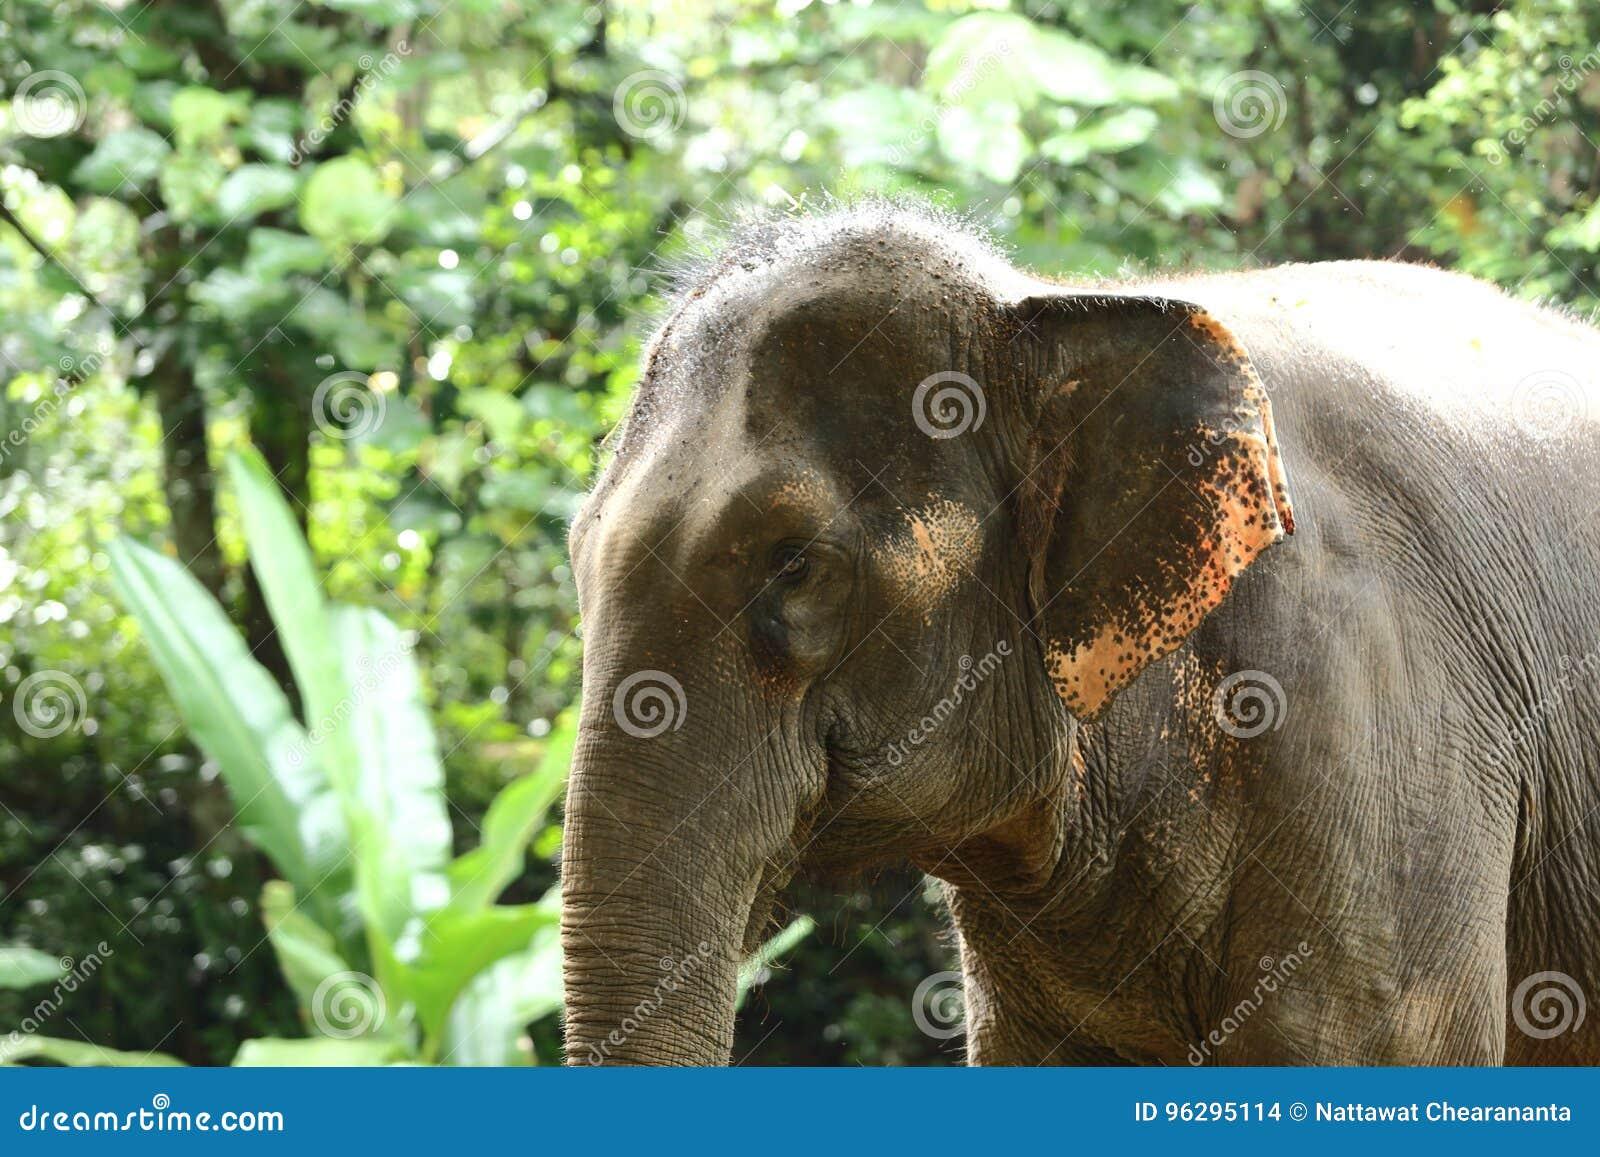 Εξημερωμένος ελέφαντας στο βαθύ δάσος ζουγκλών για τον τουρισμό